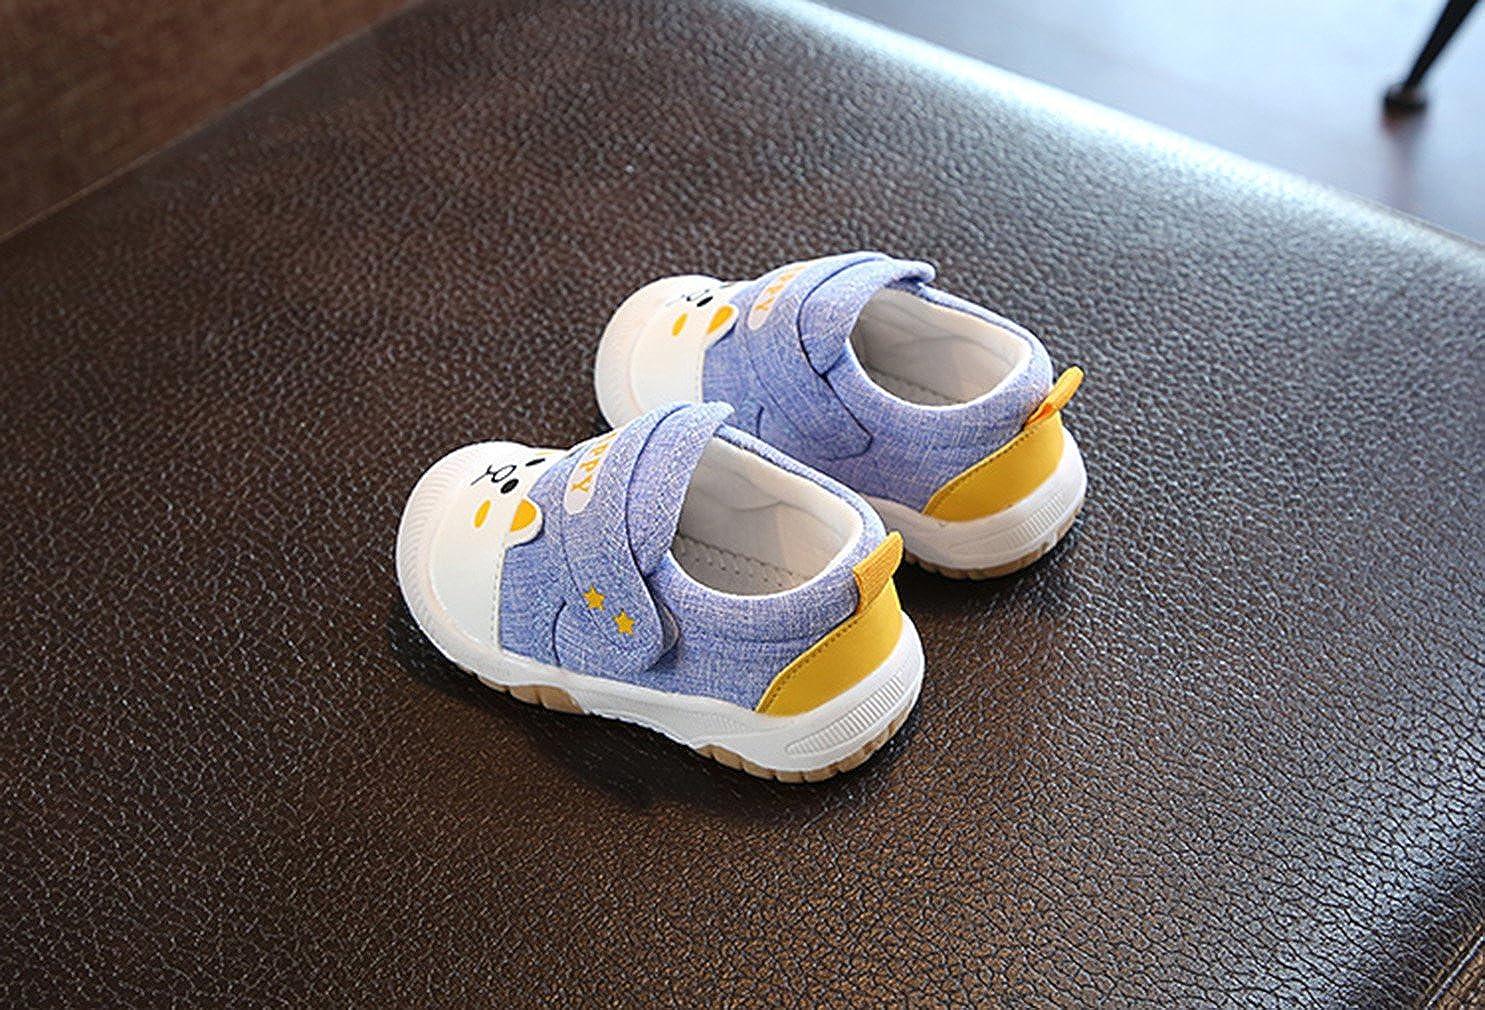 c128efba0 GEMVIE Zapatos Infantiles de Bebes Unisex con Suela Primeros Pasos Azul  Talla 23 Longuitud Interior 14.5cm  Amazon.es  Zapatos y complementos